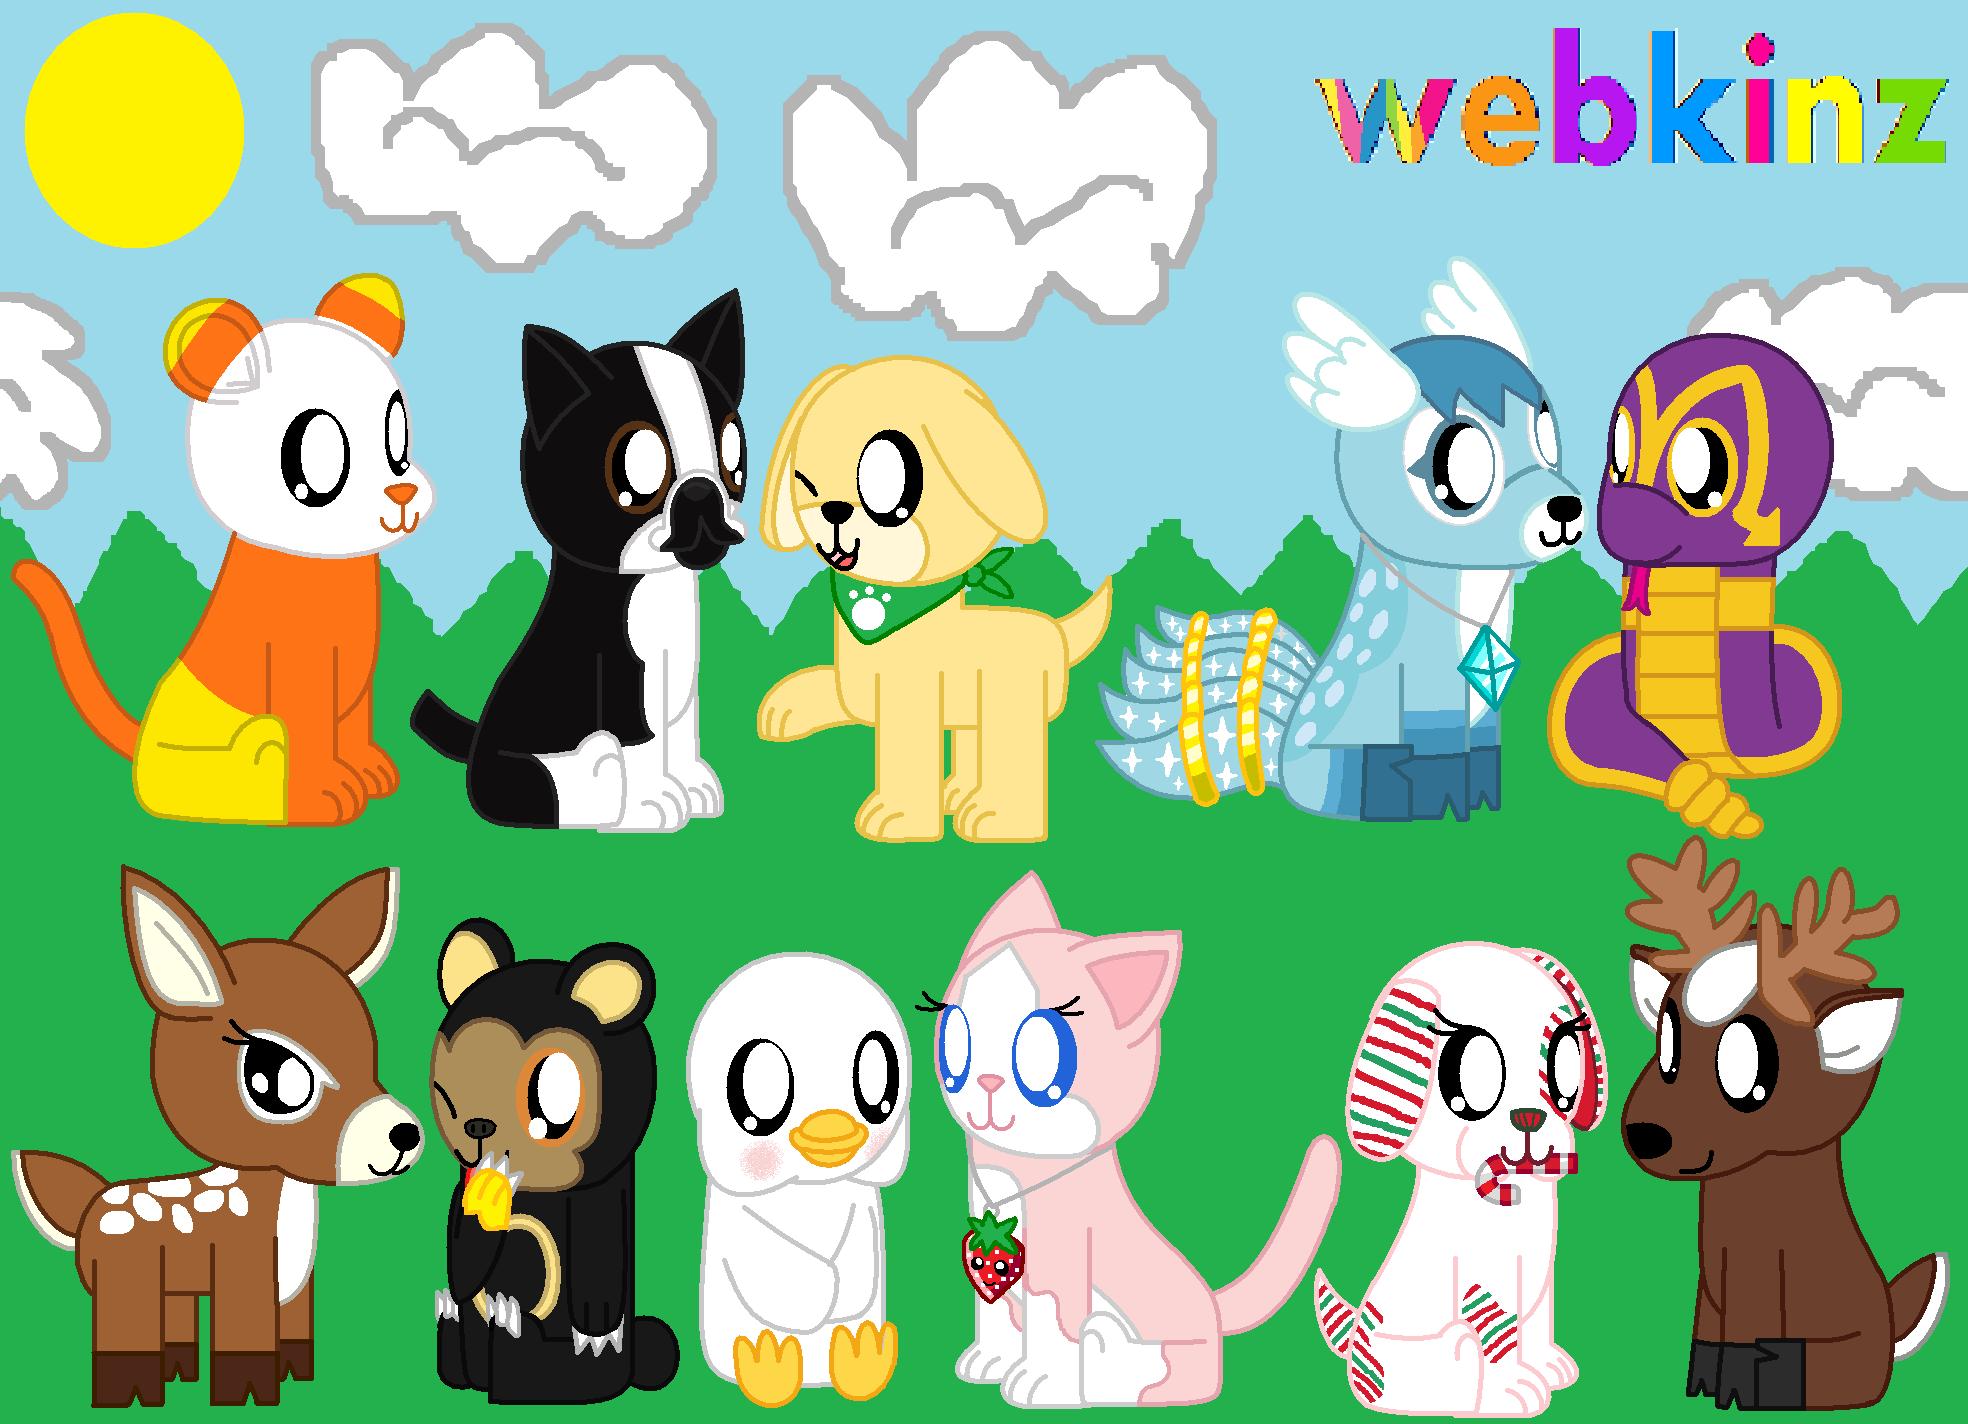 webkinz folder by pokemonlpsfan on DeviantArt